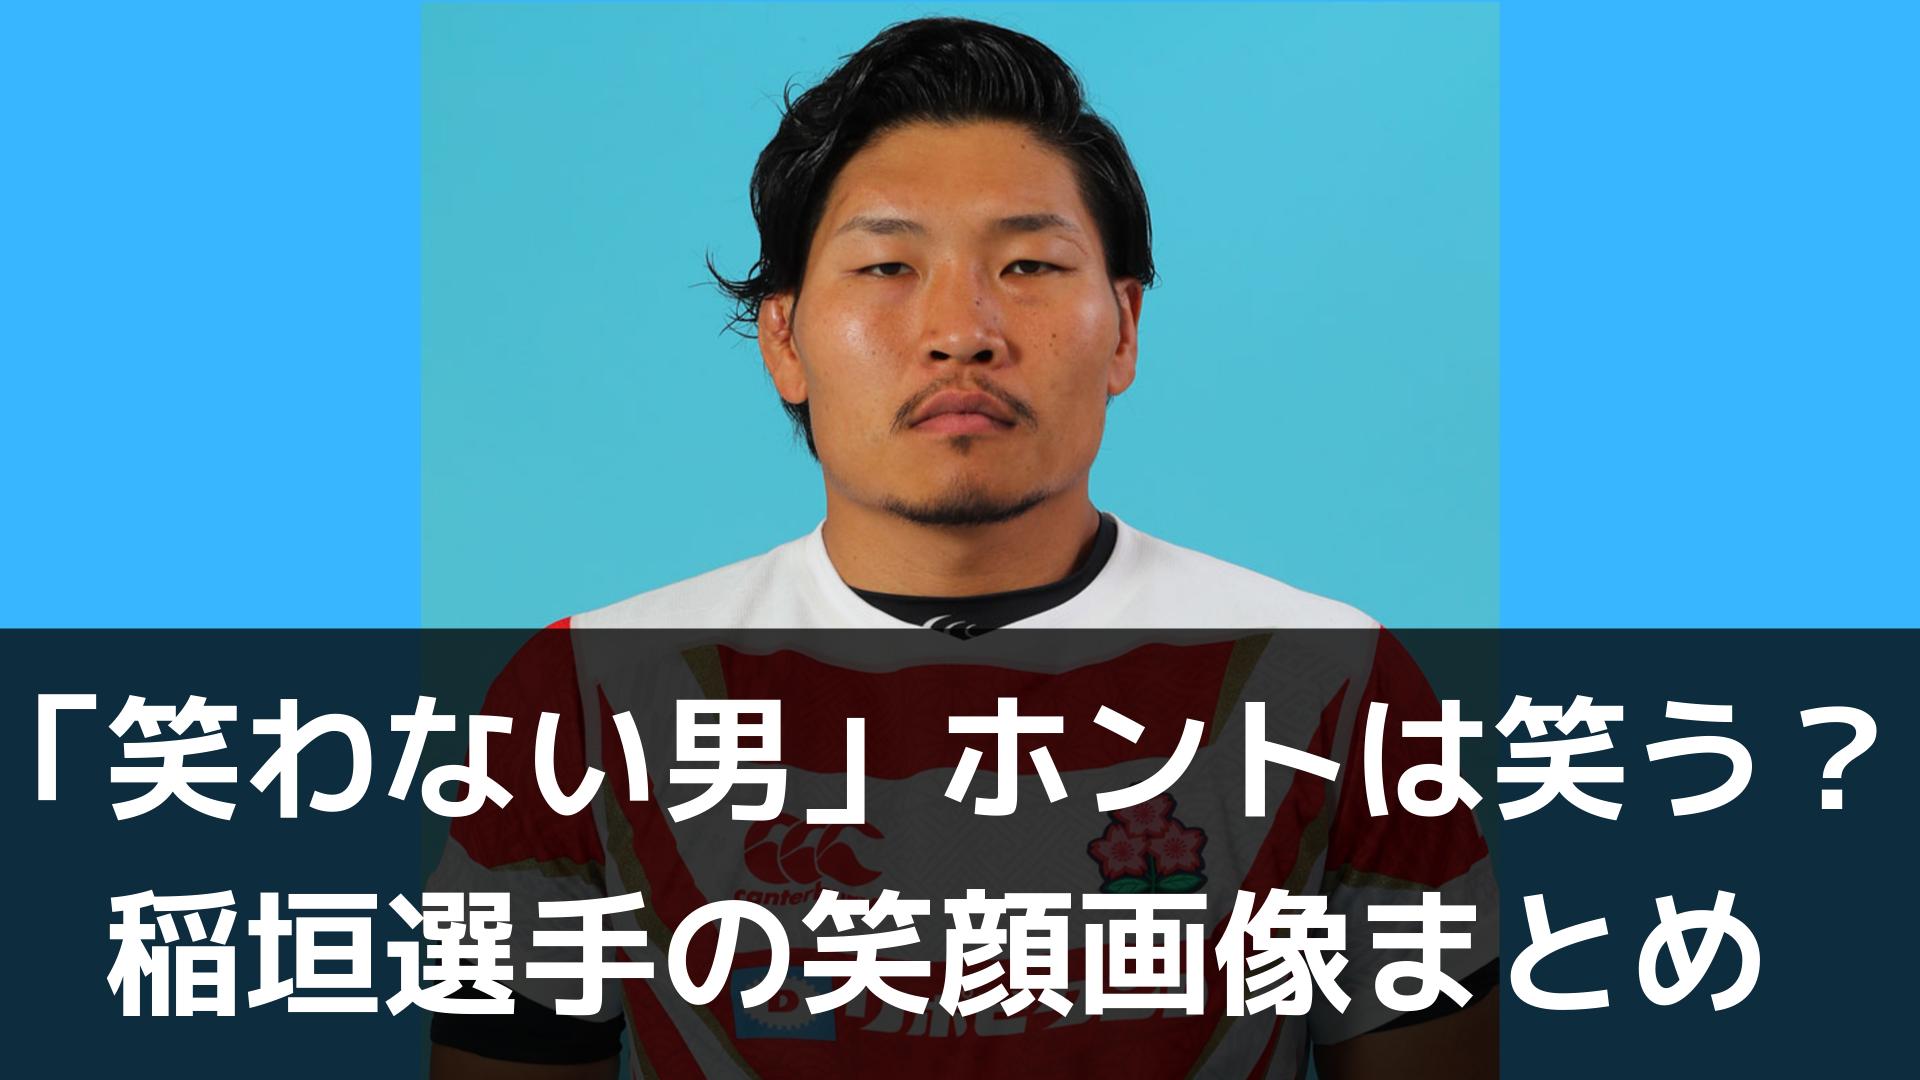 笑わない男稲垣啓太選手の笑顔まとめのアイキャッチ画像